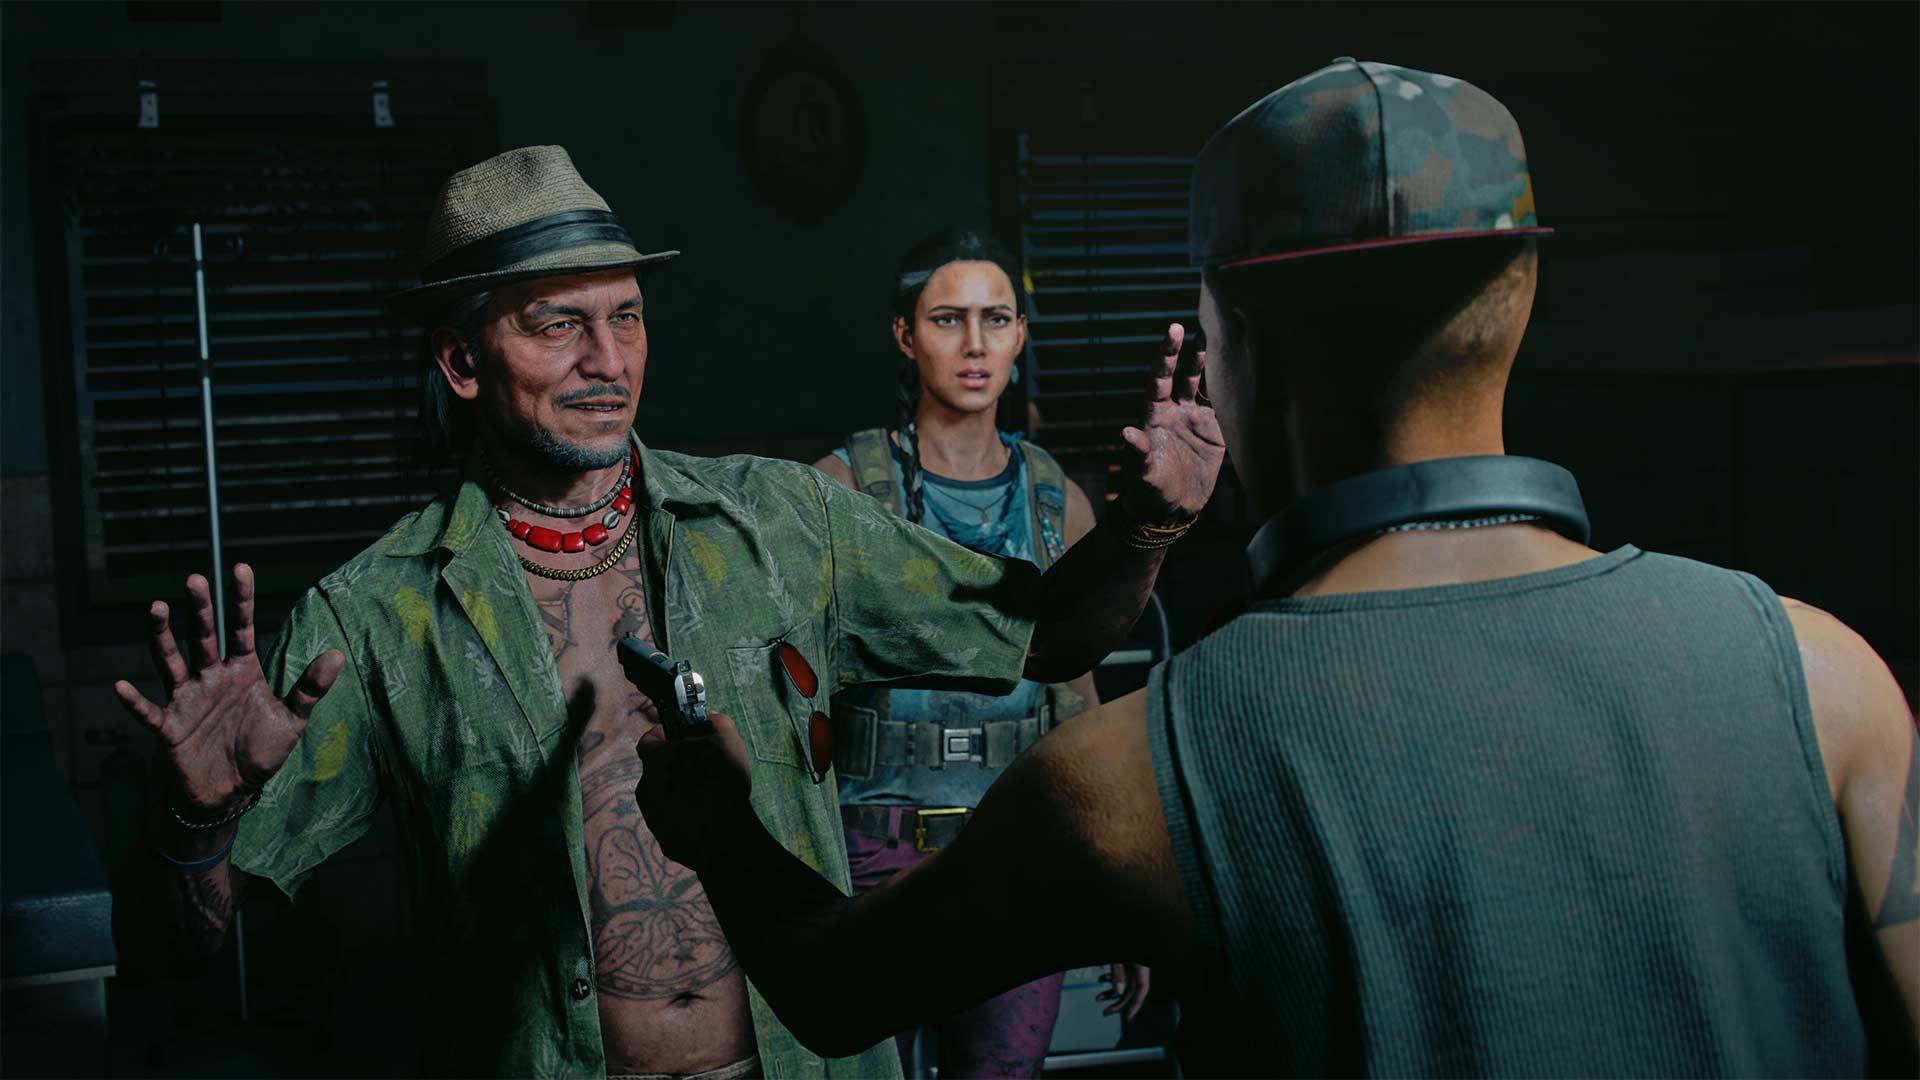 Far Cry 6 cast